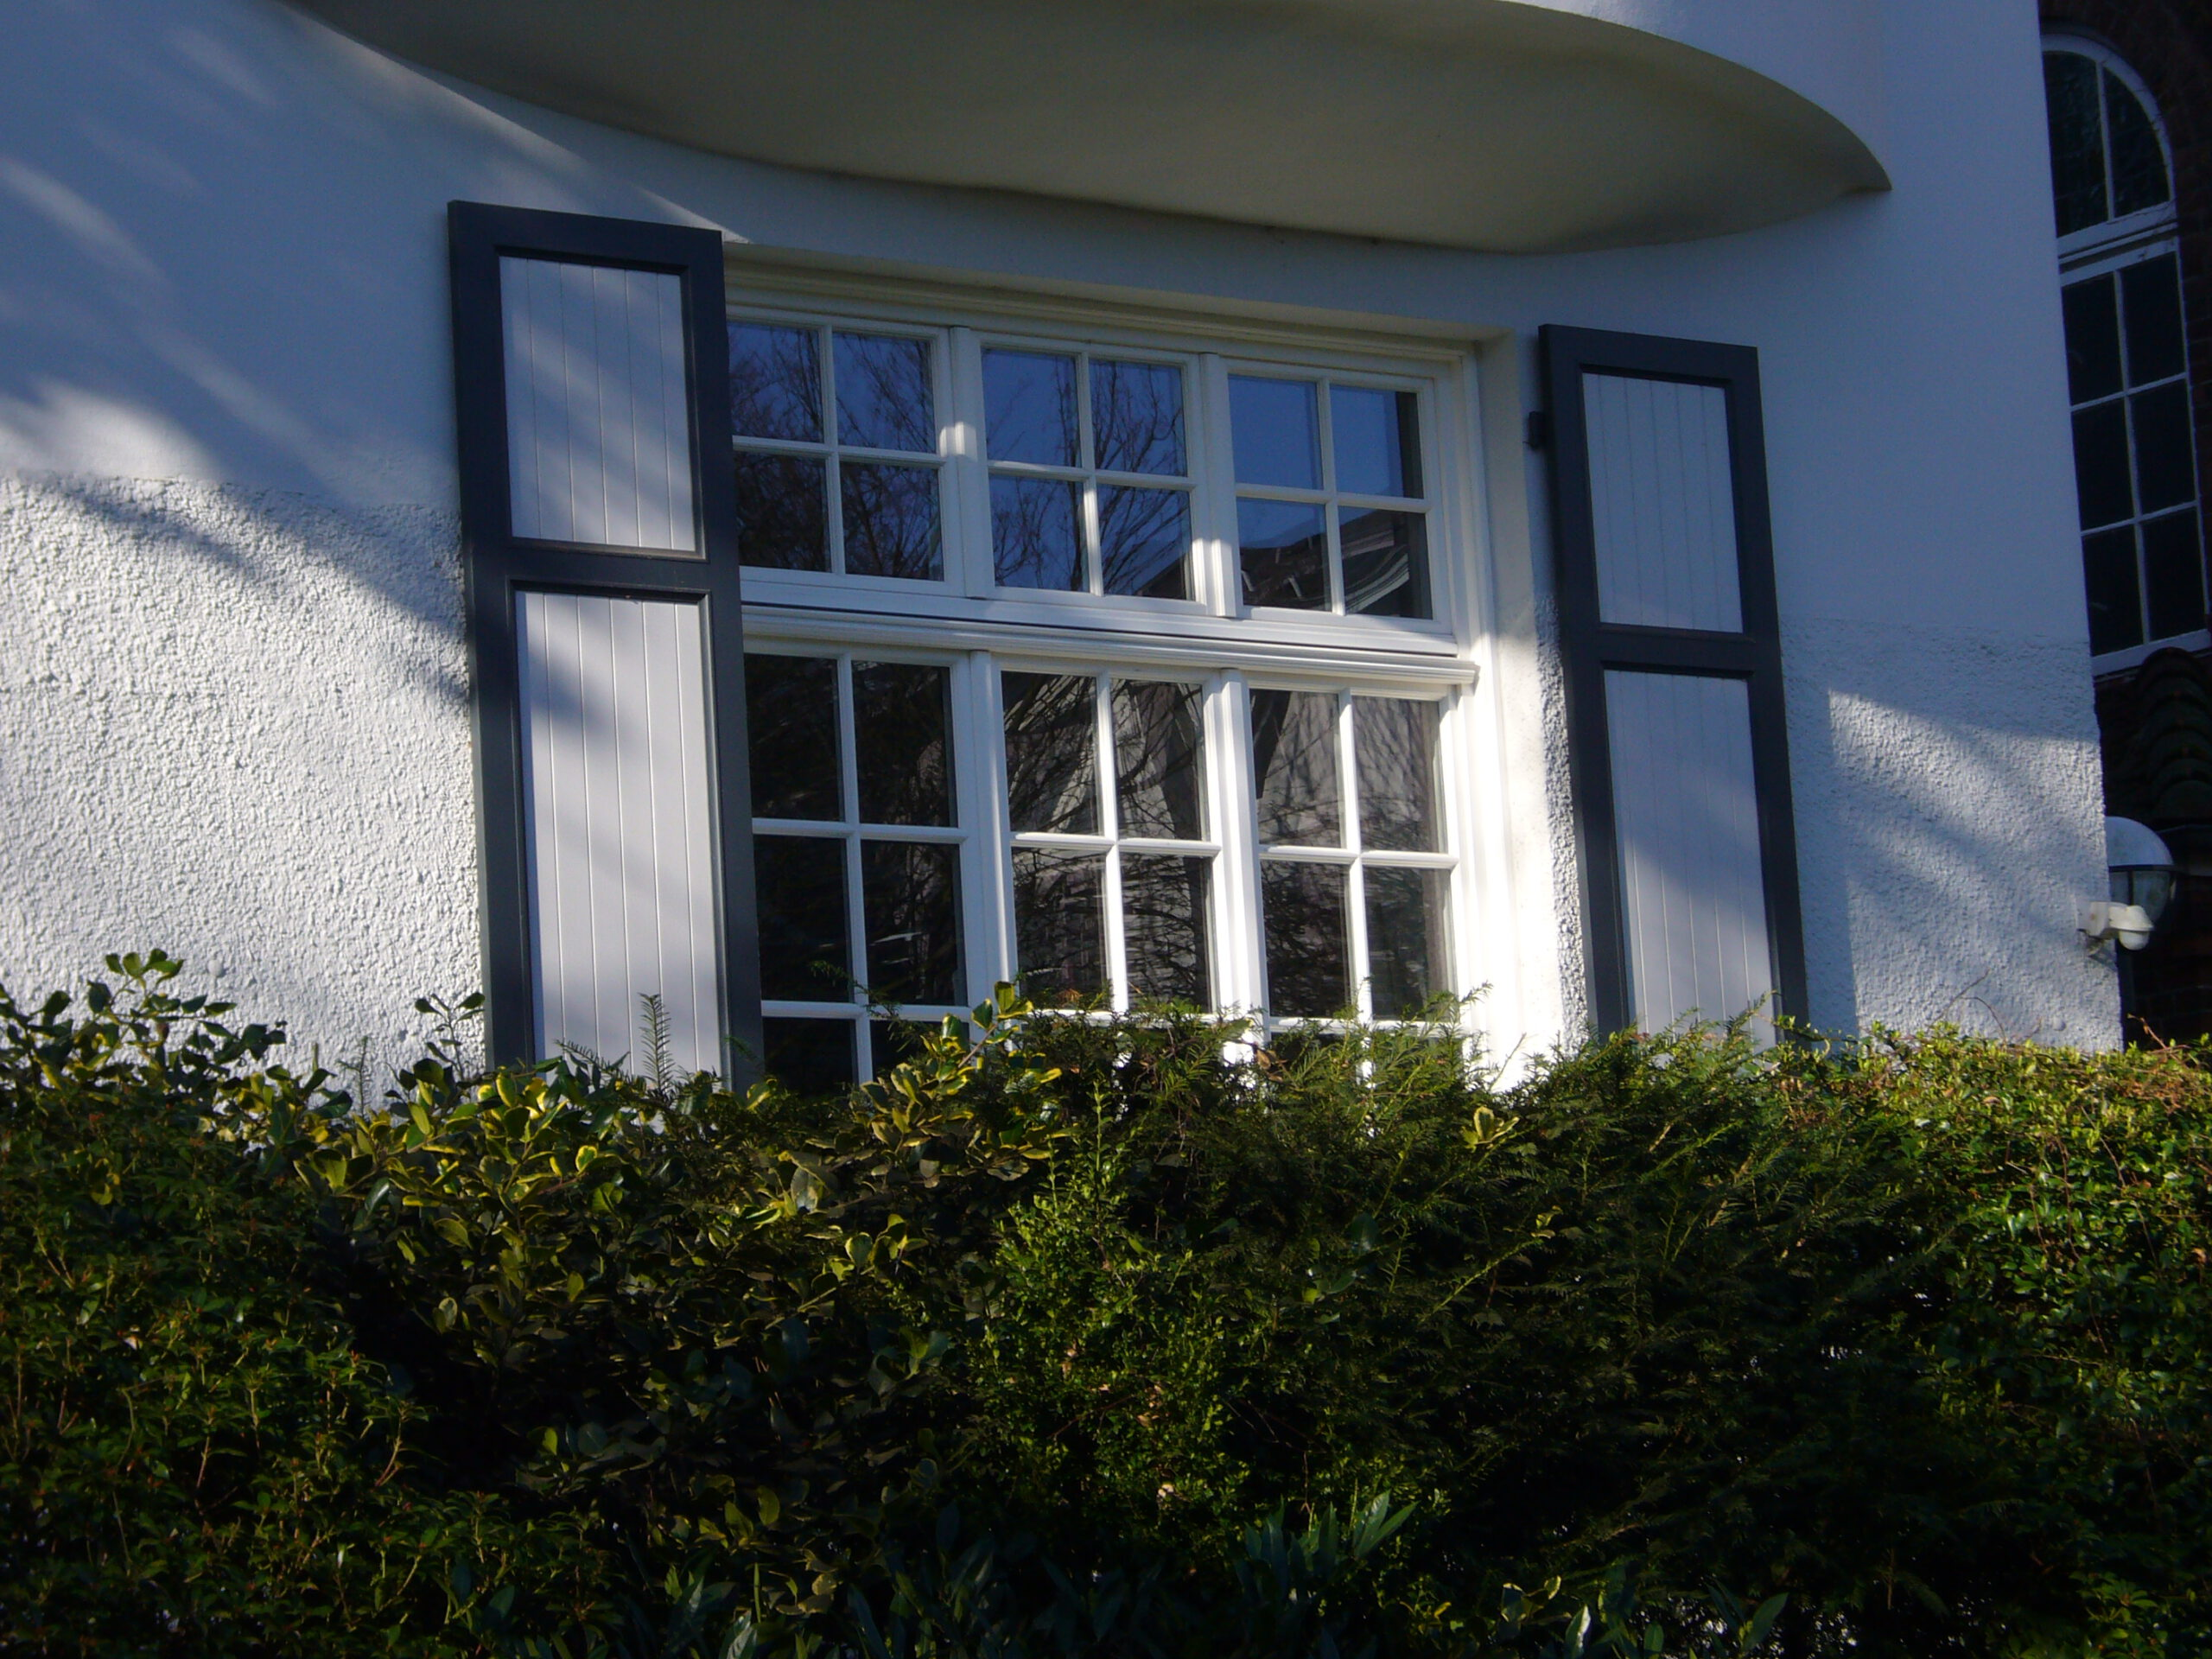 jan stölken gmbh - Fenster (5)